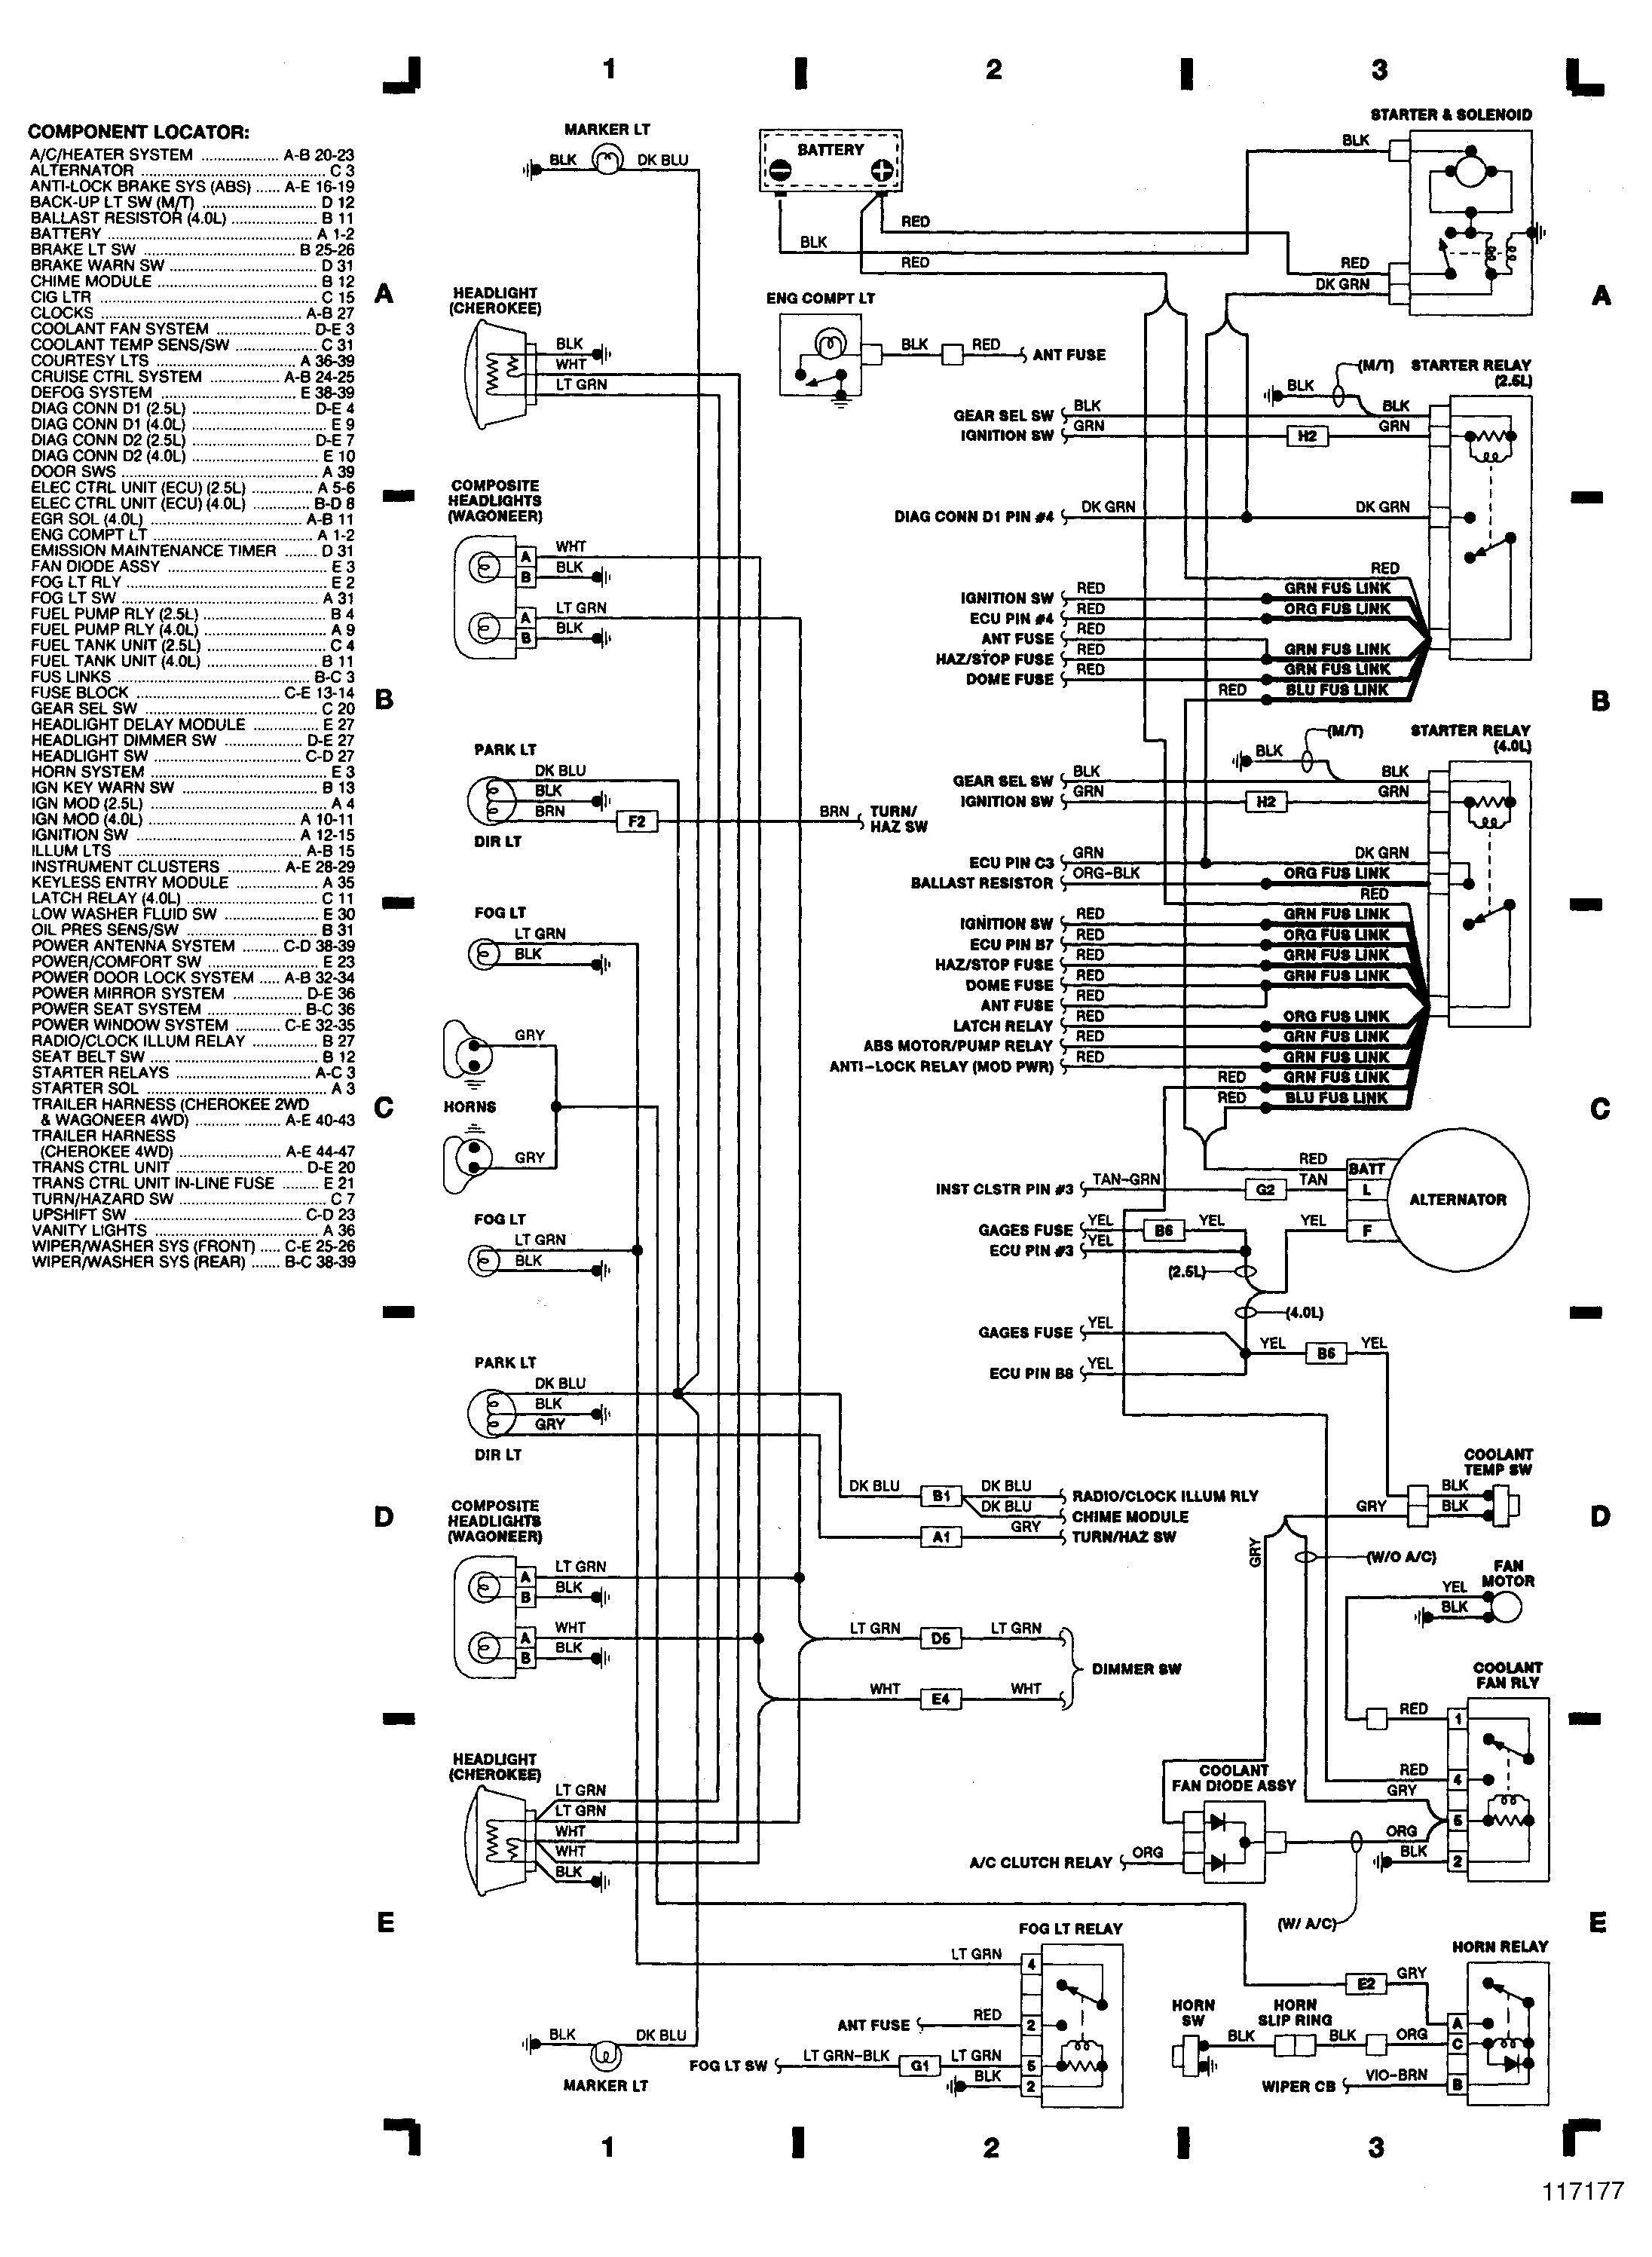 fresh wiring diagram yamaha aerox diagrams digramssample fresh wiring diagram yamaha aerox diagrams digramssample diagramimages wiringdiagramsample [ 2192 x 2995 Pixel ]